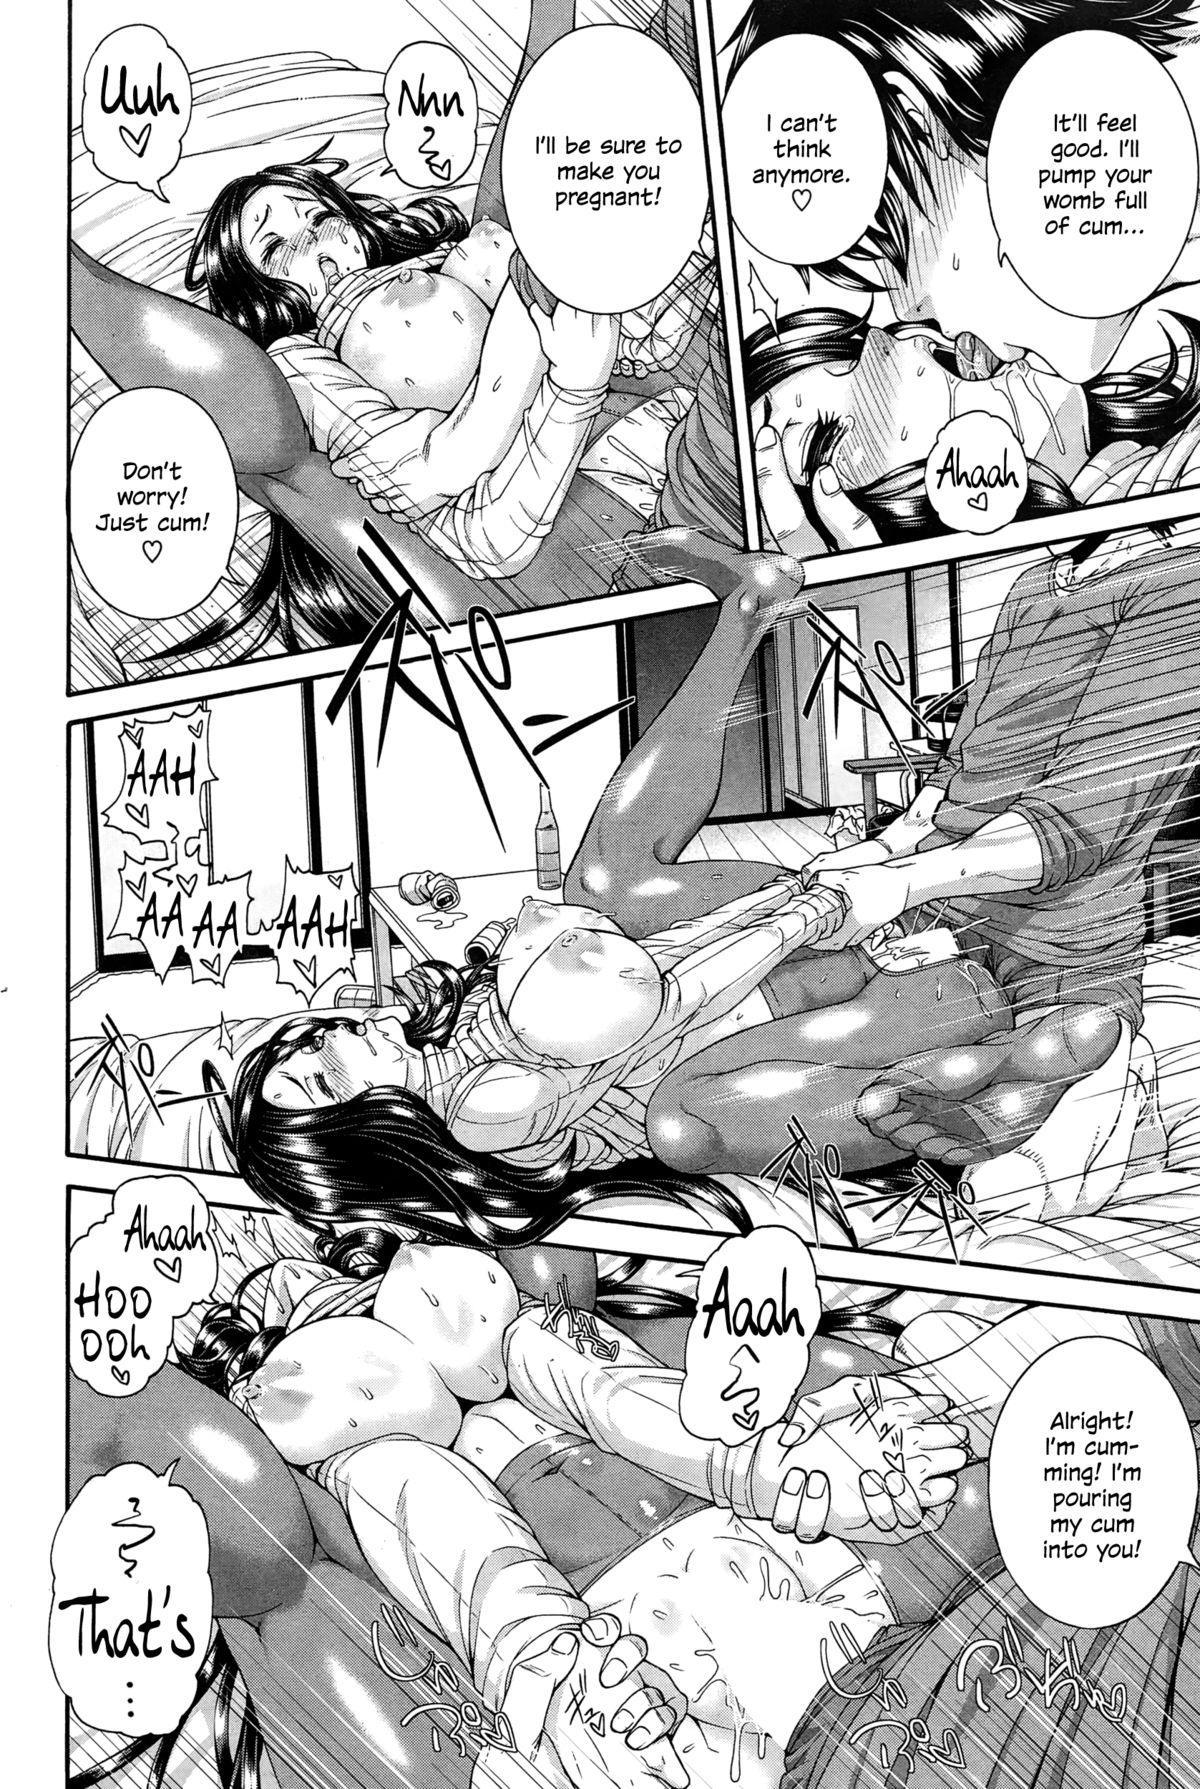 [Karasu] Tonari no Sumire-san | My Neighbor Sumire-san (COMIC Shitsurakuten 2015-02) [English] =LewdWaniBootleggers= 9